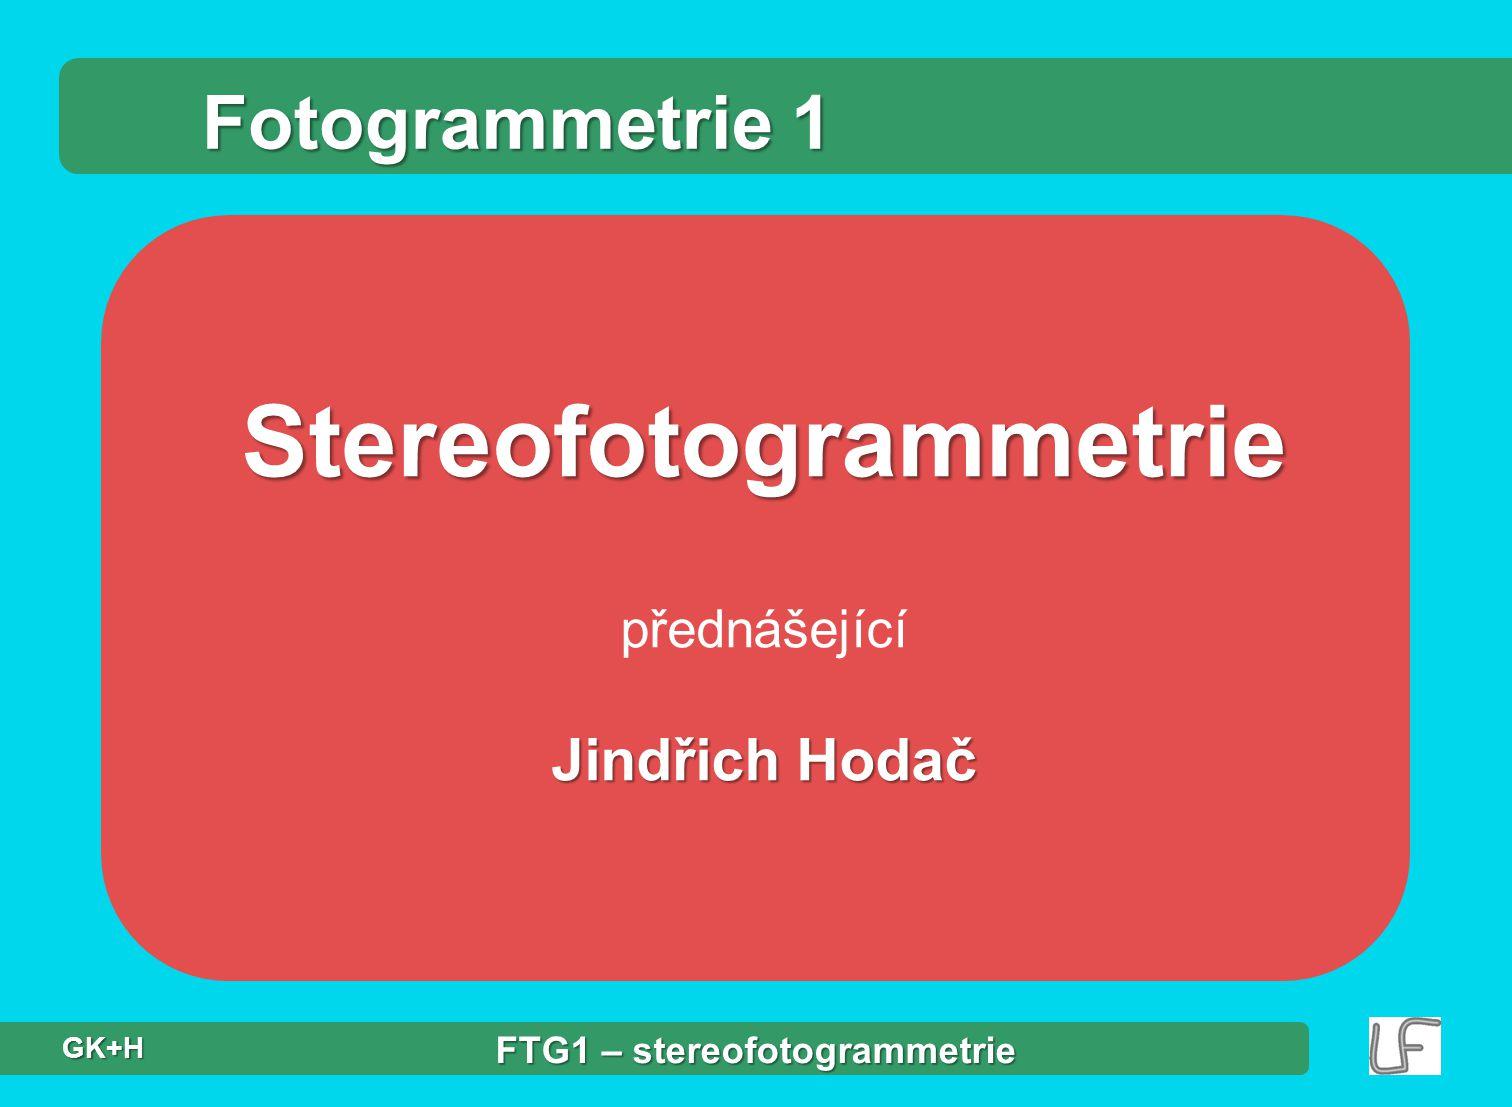 Stereofotogrammetrie přednášející Jindřich Hodač Fotogrammetrie 1 FTG1 – stereofotogrammetrie GK+H